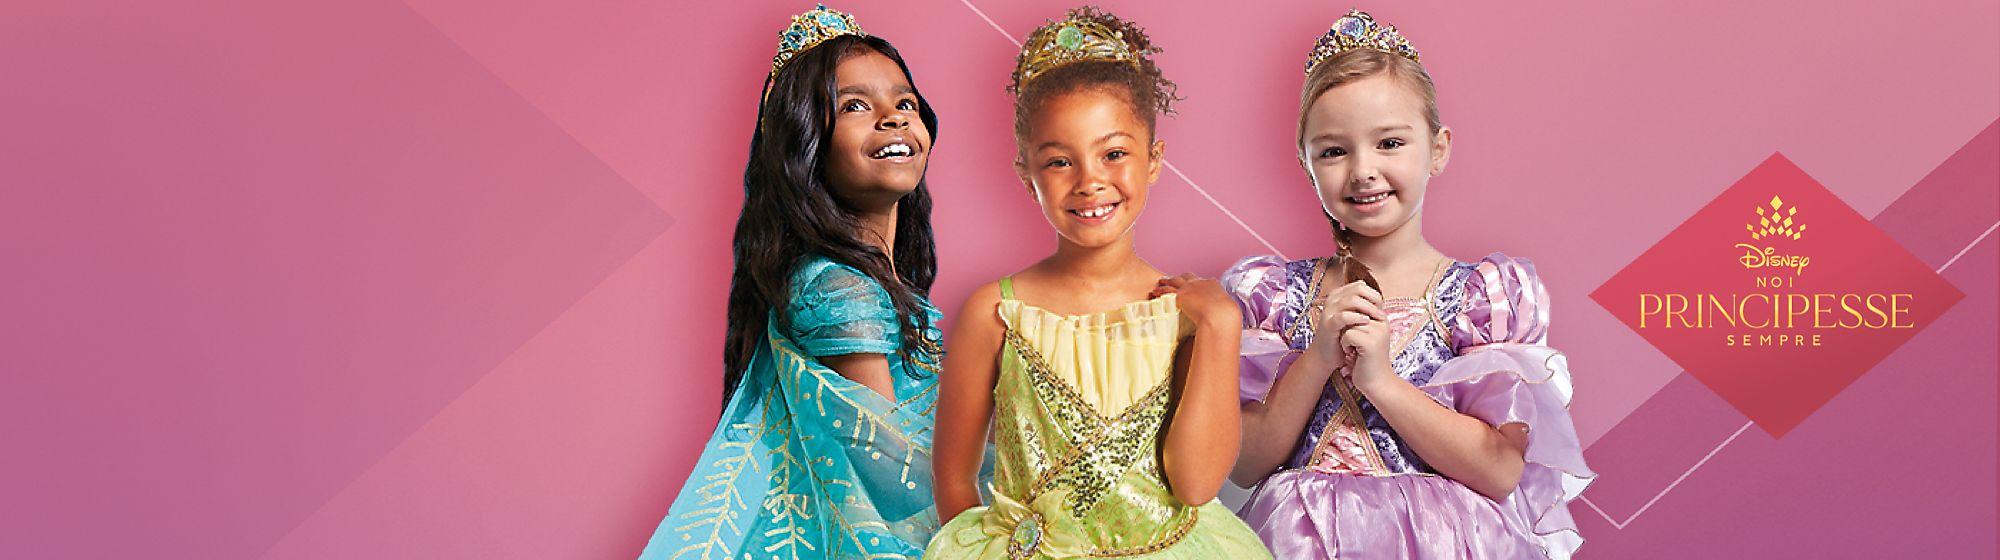 Principesse Disney bimbi Scopri una incantevole linea di bambole, giochi e costumi ispirata alle Principesse Disney